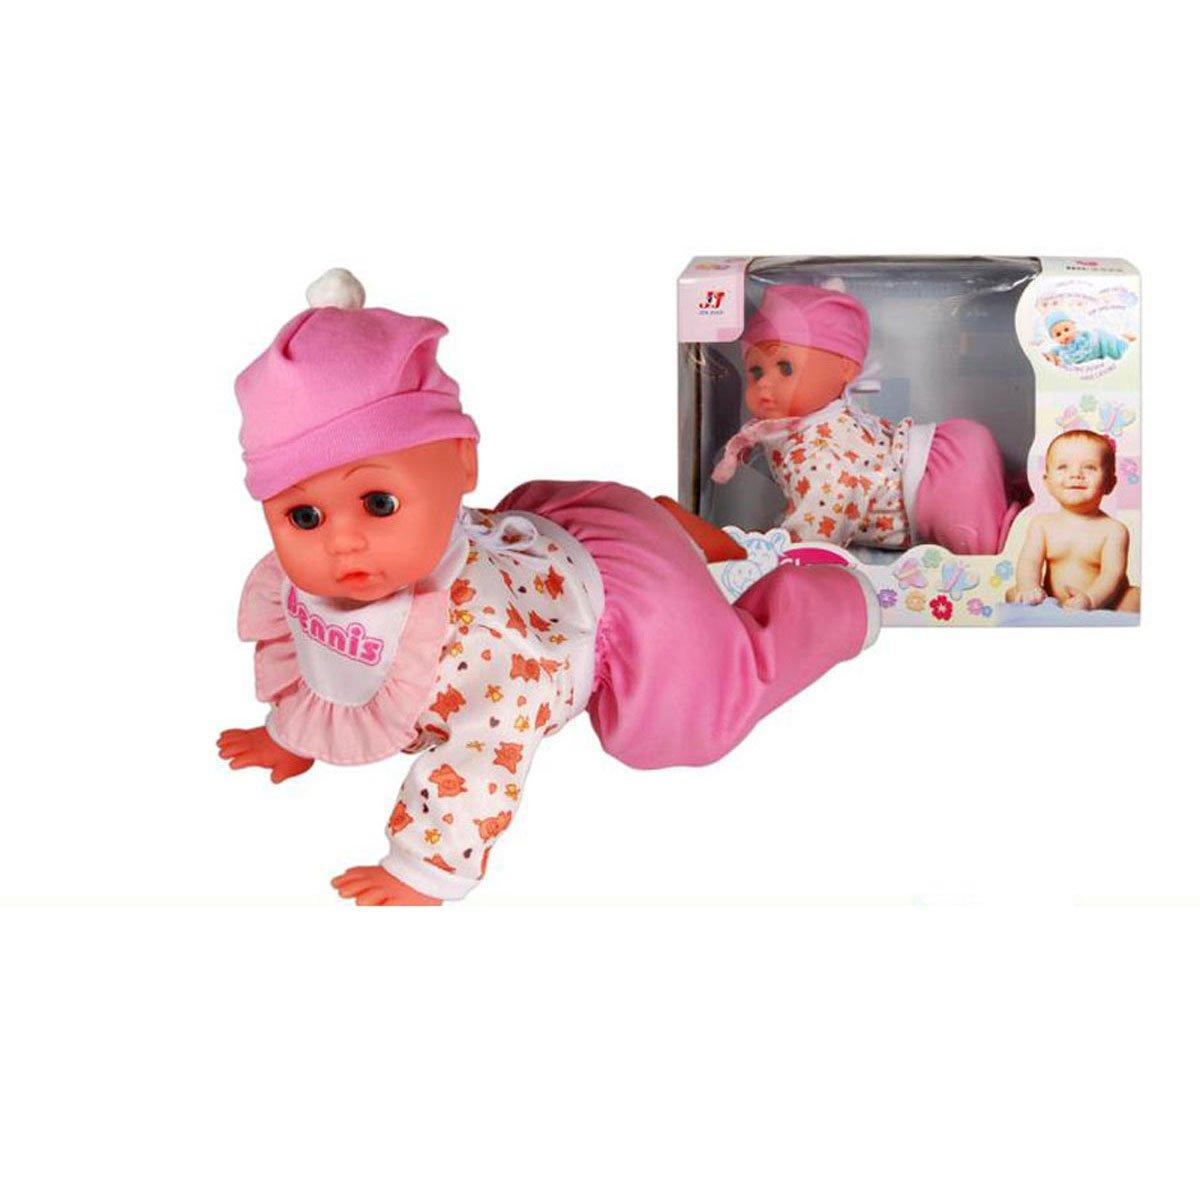 Amazon.es: Muñeco andador niño/niña: Juguetes y juegos